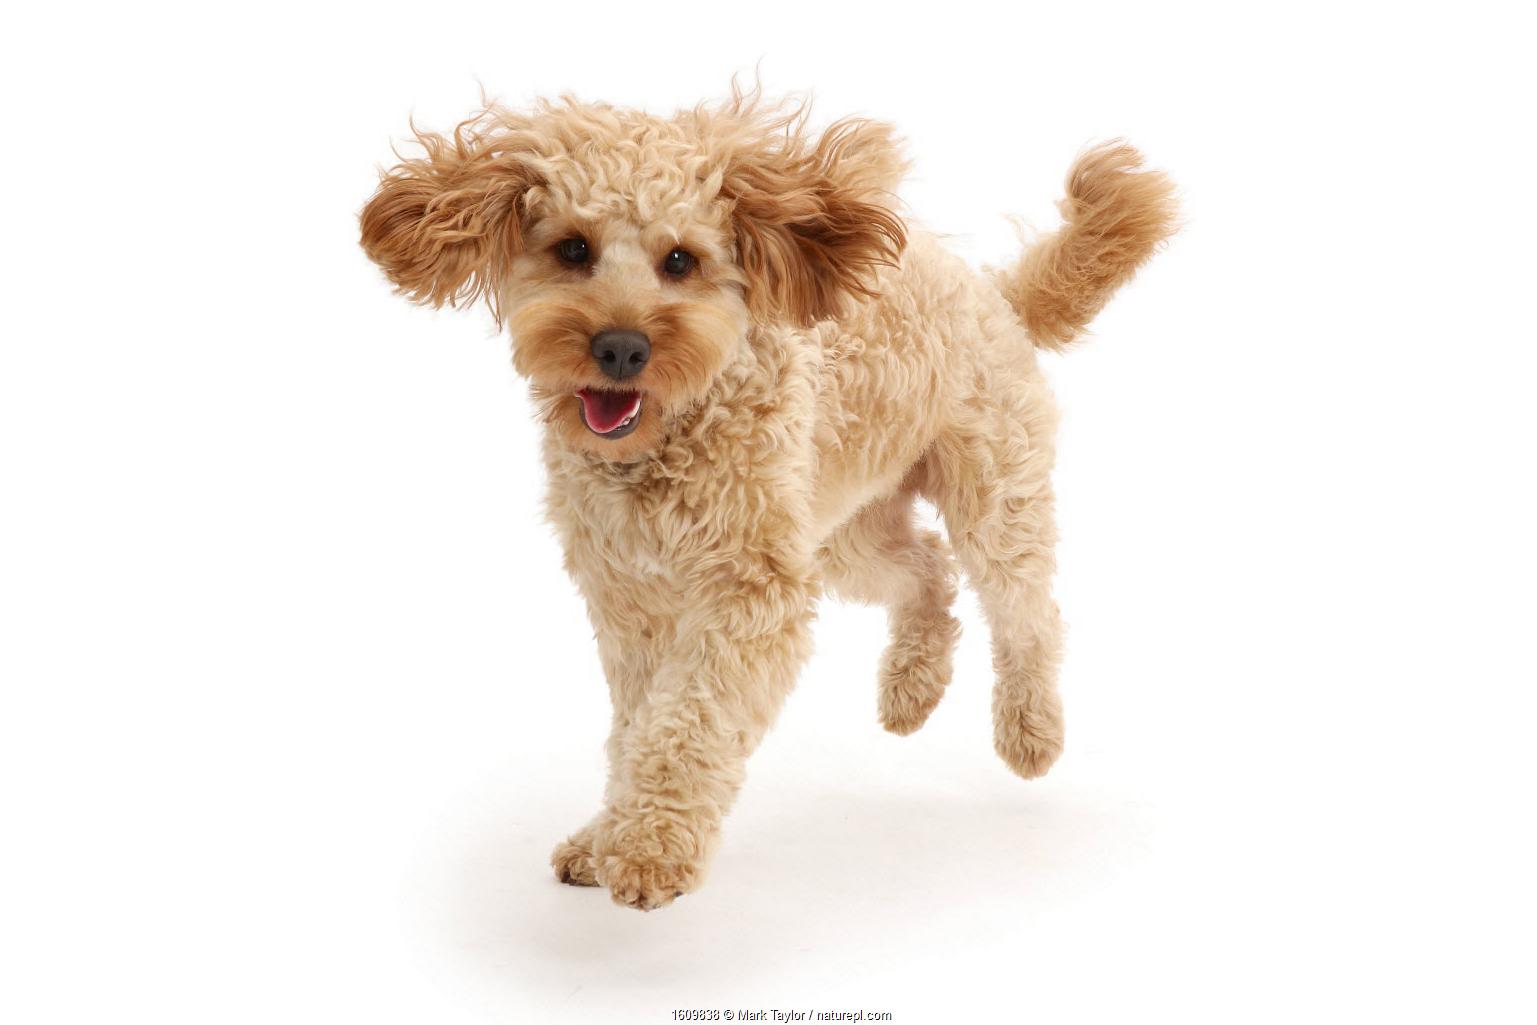 Cavapoo dog, Monty, 10 months, running.